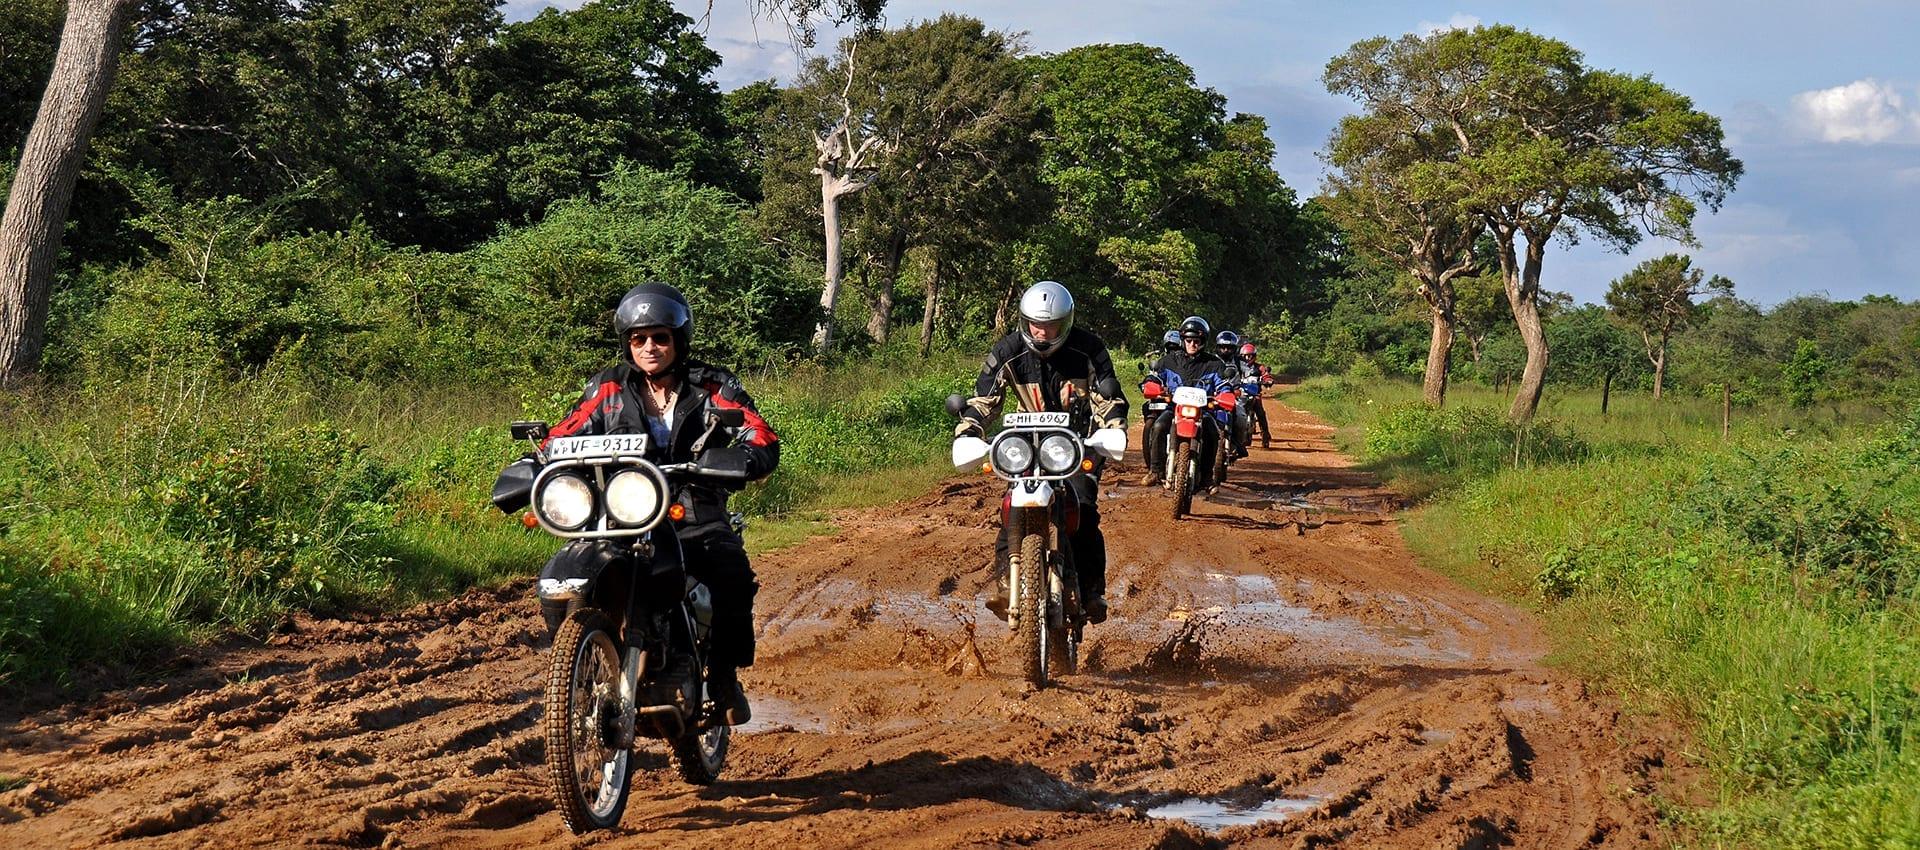 Reisinformatie van de motorreis in Sri Lnakvan Travel 2 Explore Motorreizen